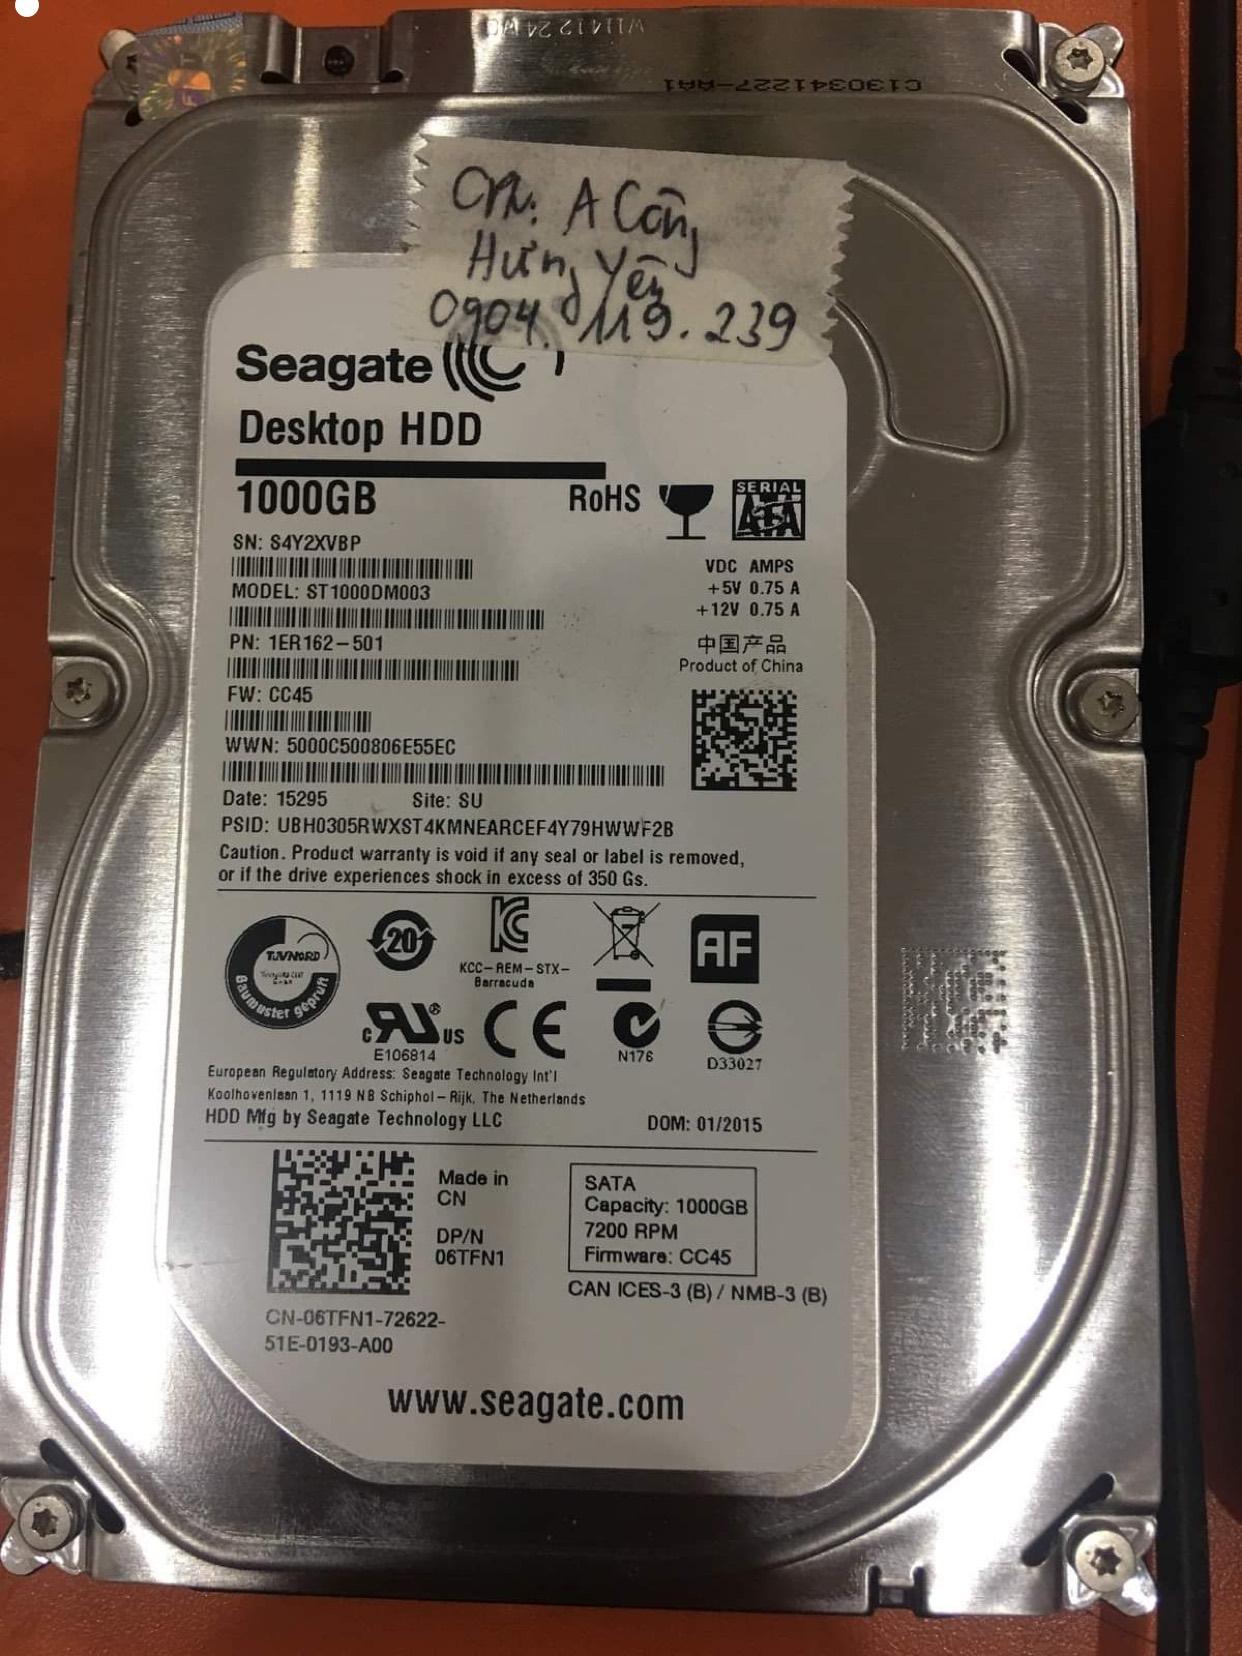 Cứu dữ liệu ổ cứng Seagate 1TB lỗi đầu đọc tại Hưng Yên - 02/12/2020 - cuumaytinh